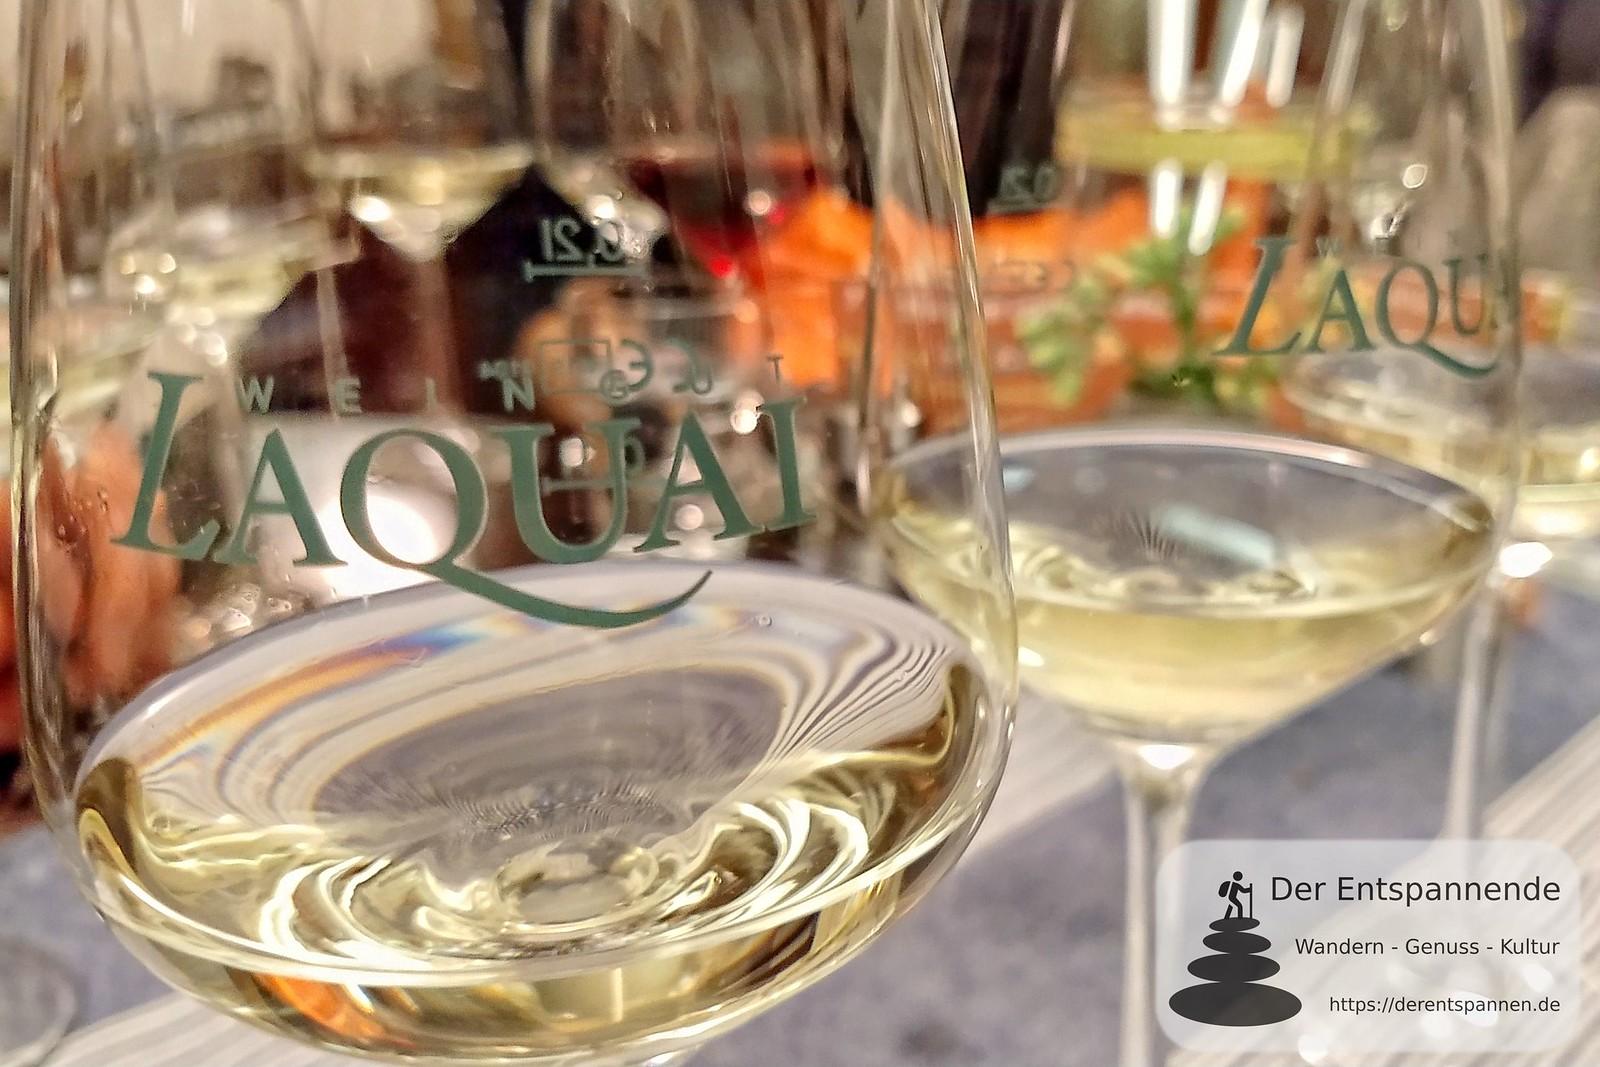 Weinwirtschaft Laquai (Lorch)